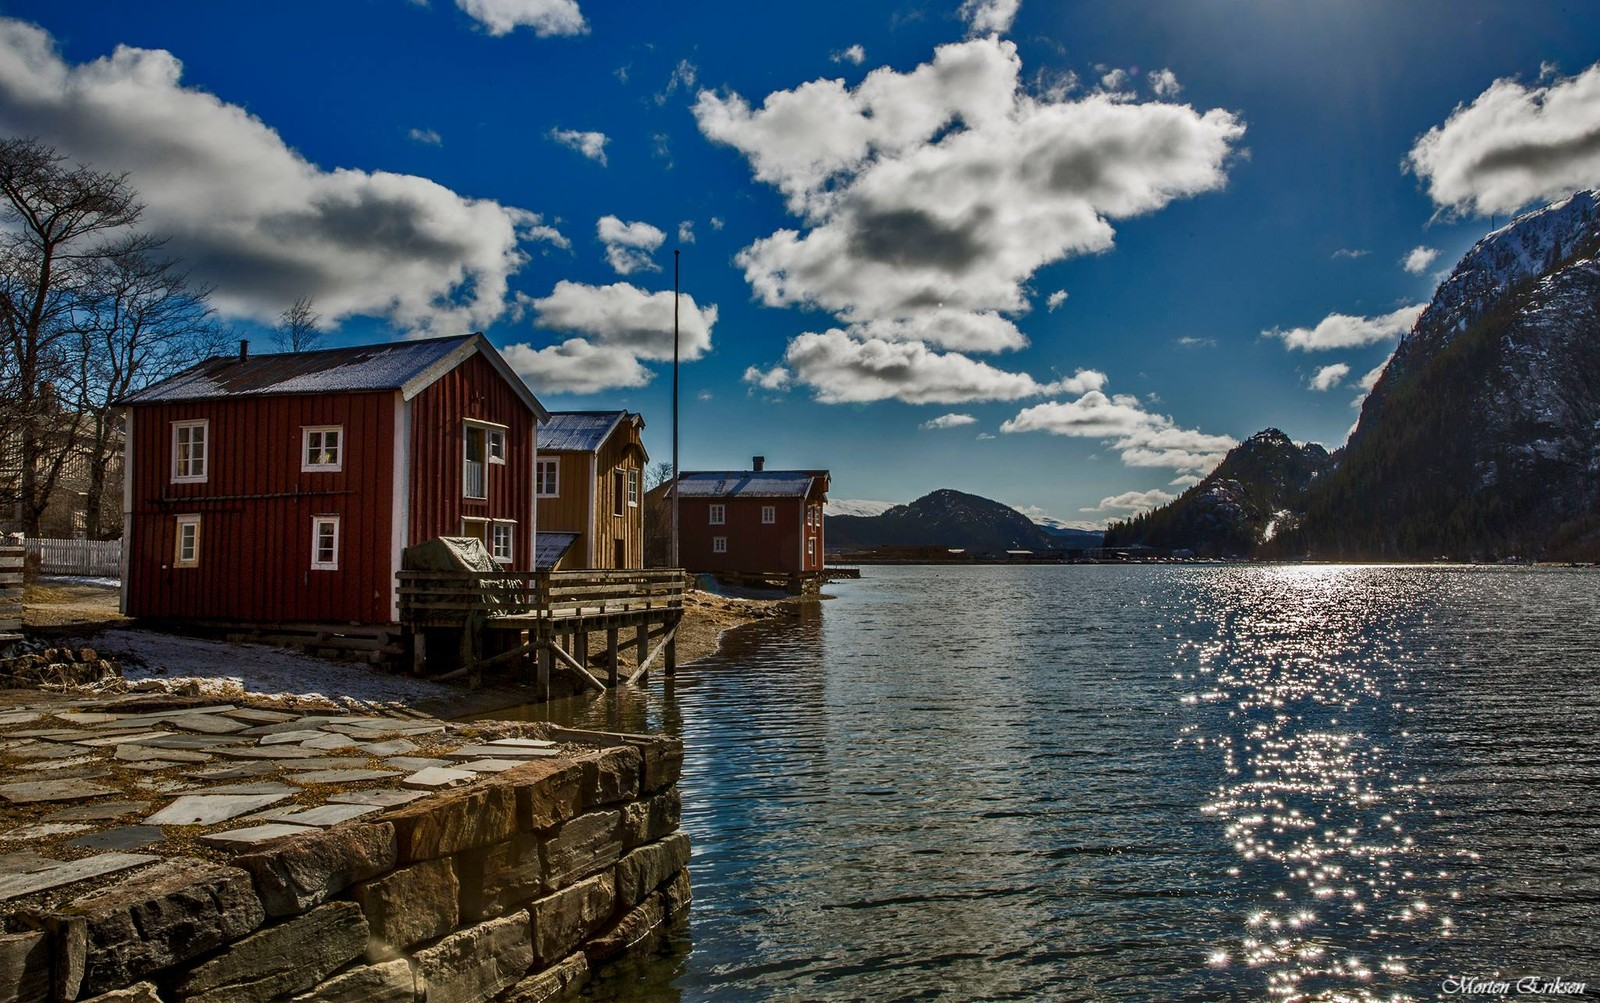 Nergato i Mosjøen